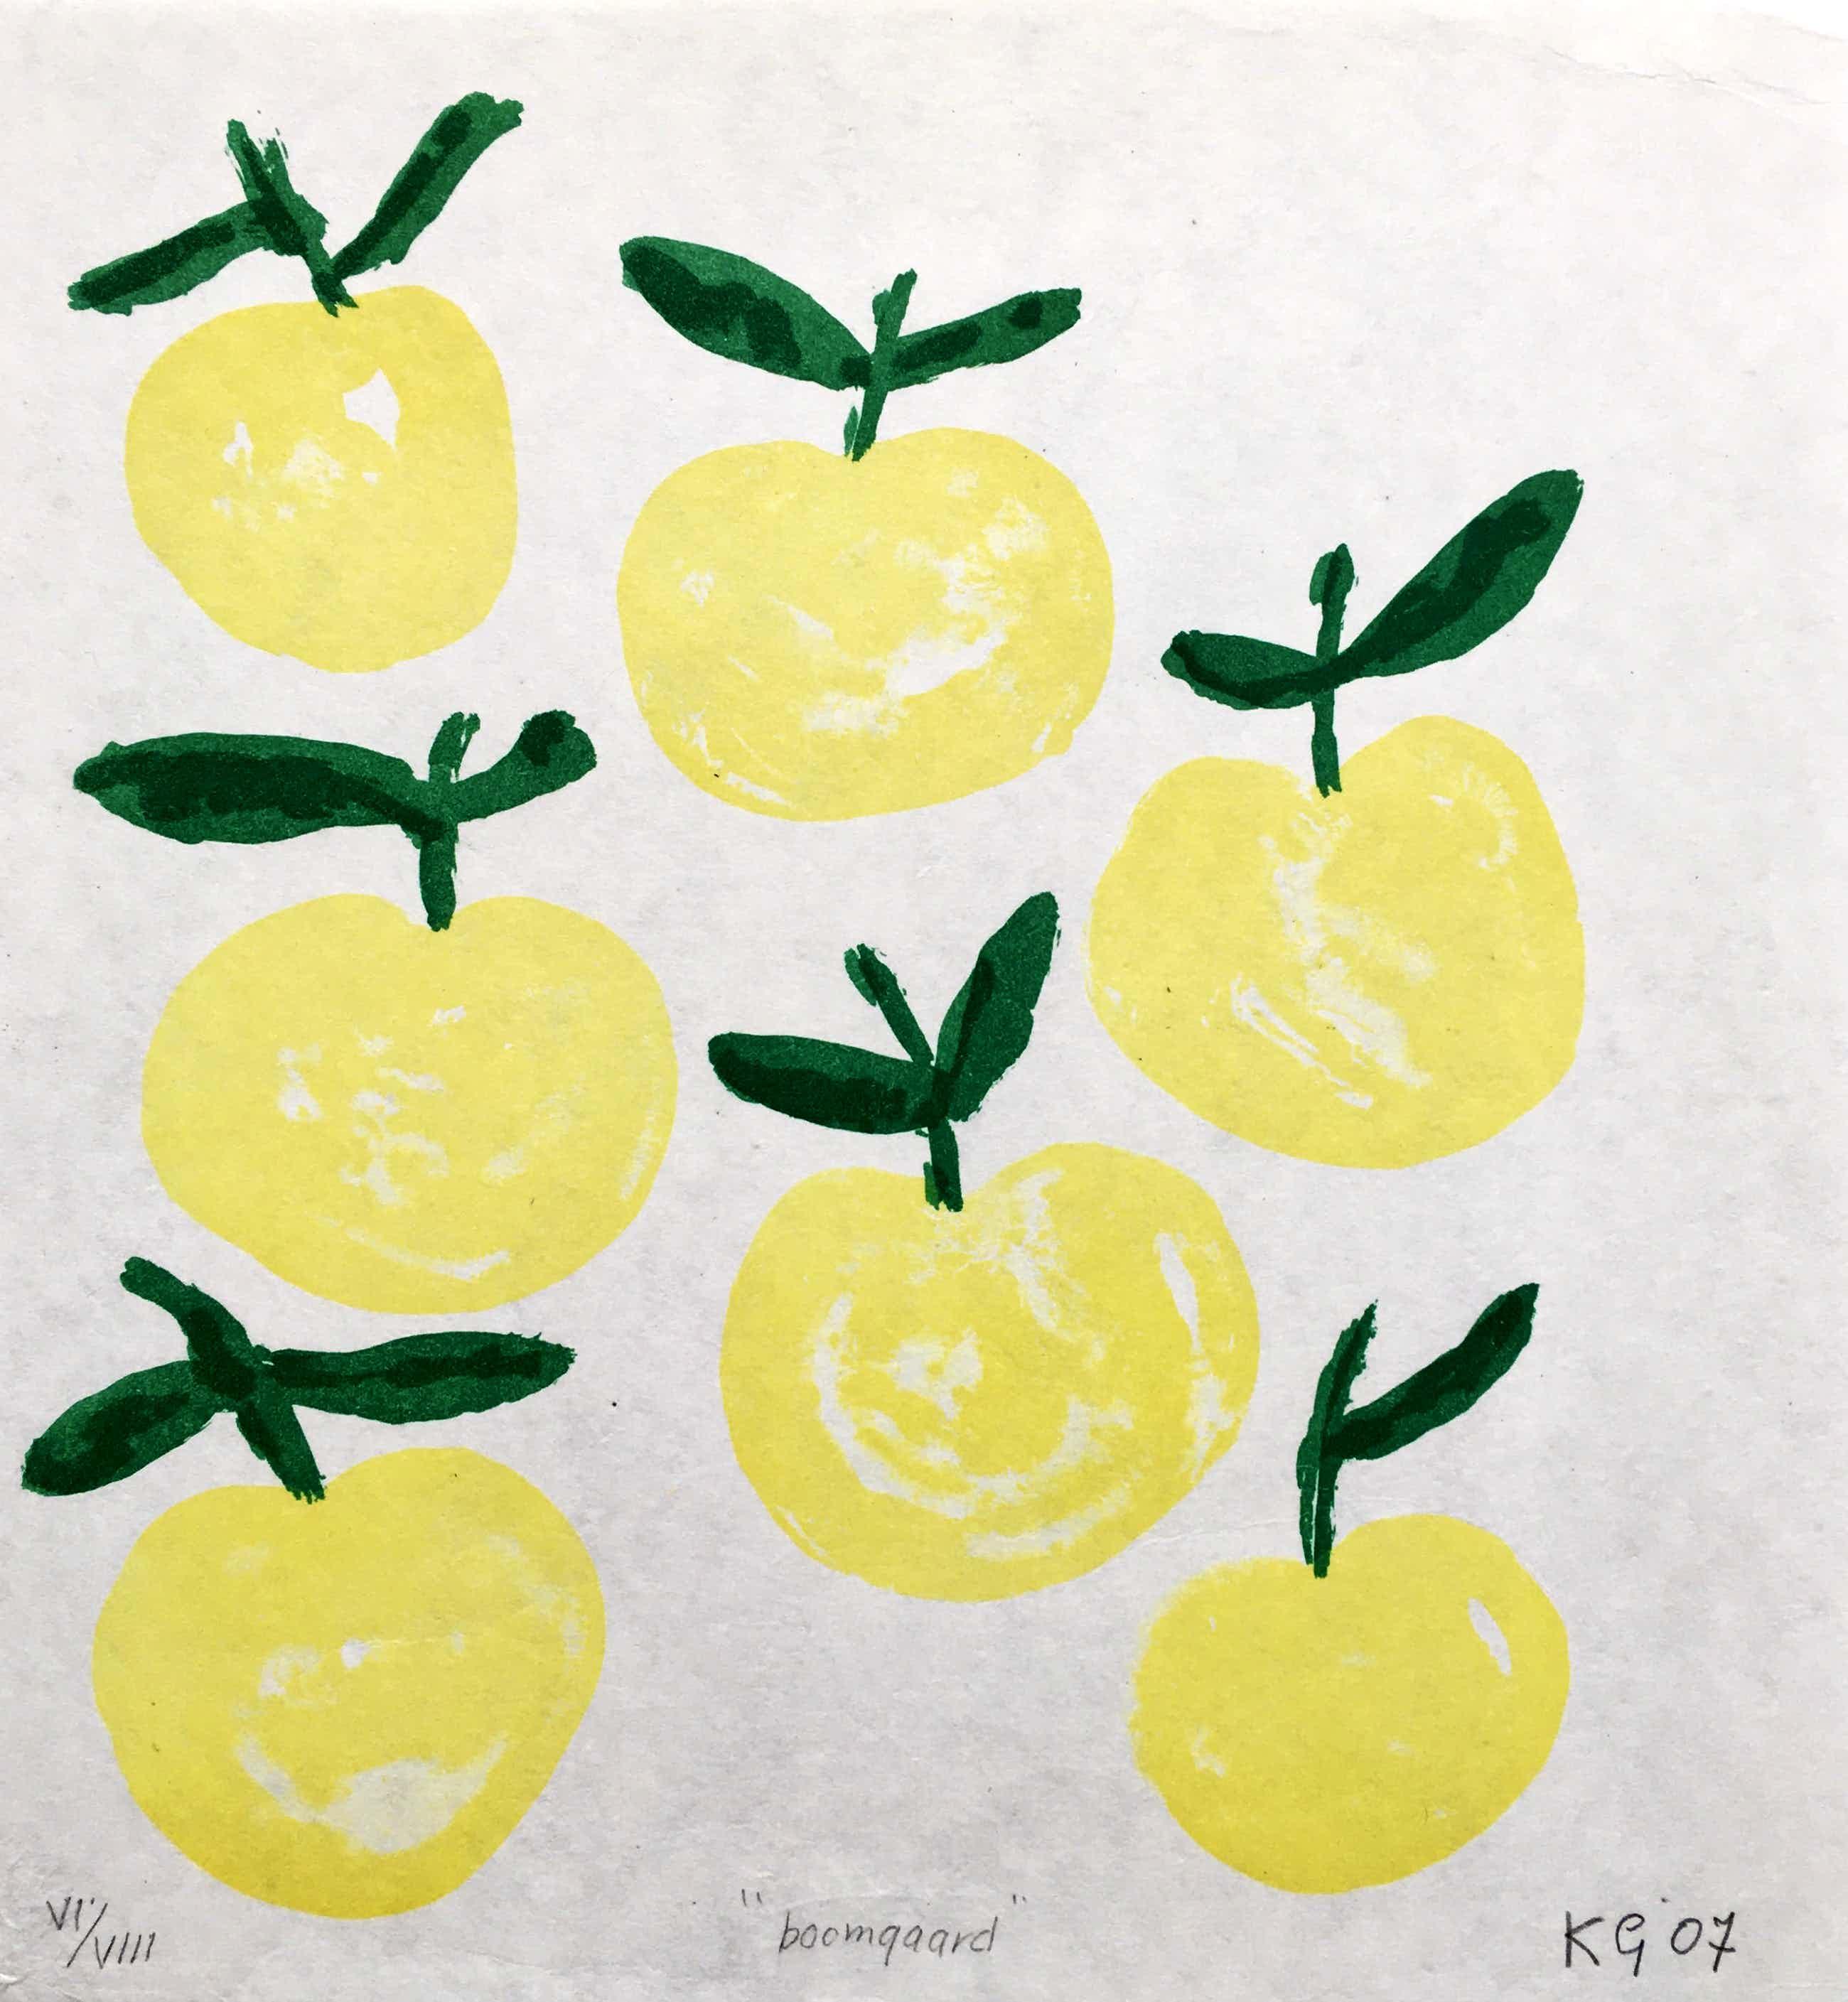 Klaas Gubbels - litho op handgeschept papier 'Boomgaard' - 2007 - oplage VIII kopen? Bied vanaf 175!